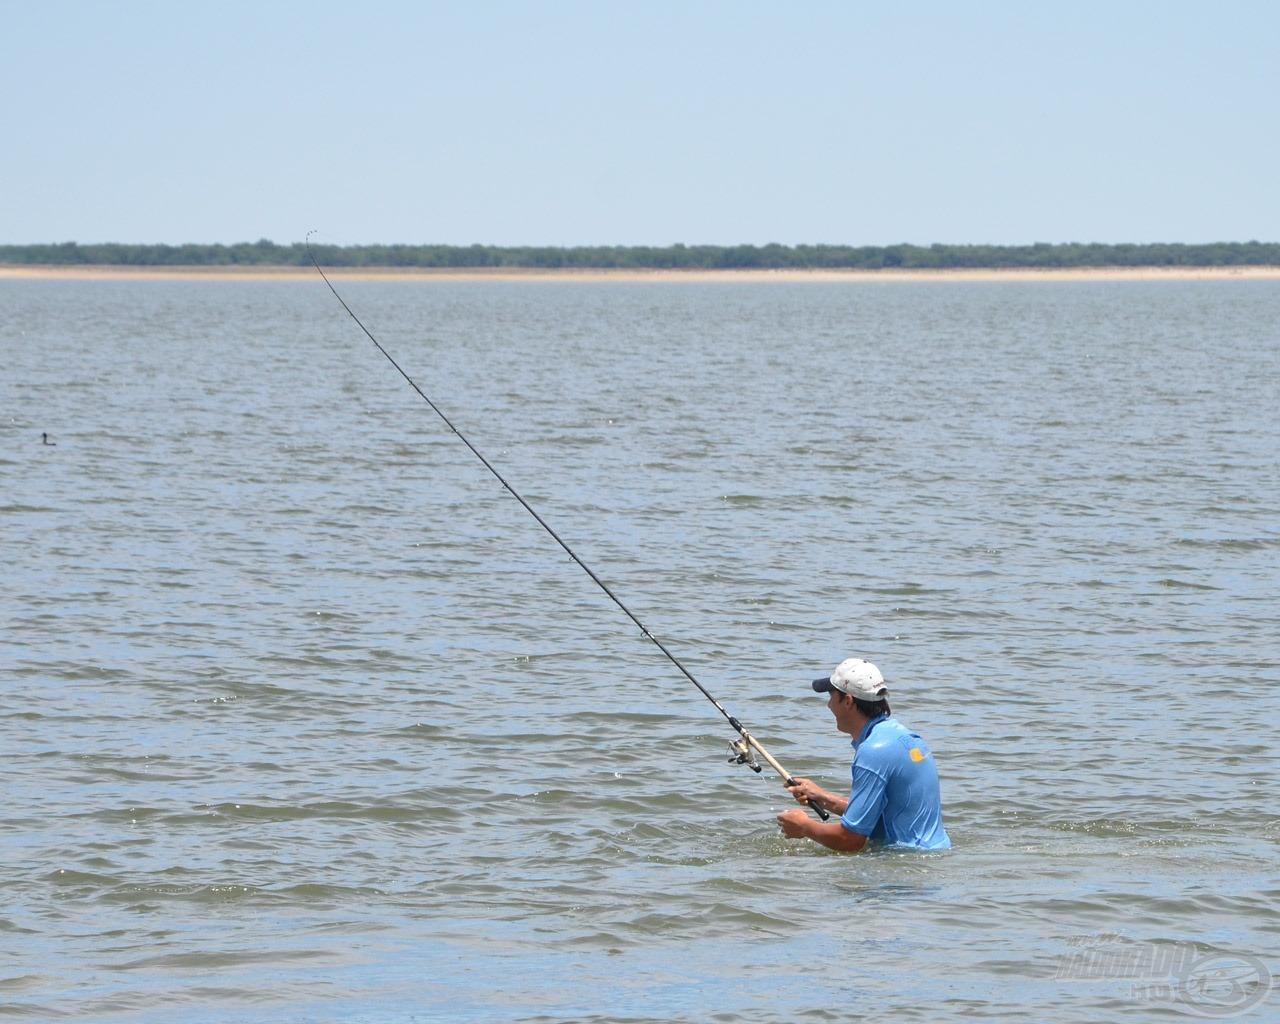 … és még ez a hal is meg volt! Hihetetlen! Nekünk a legkisebb hibát is halvesztéssel torolja meg a tározó!